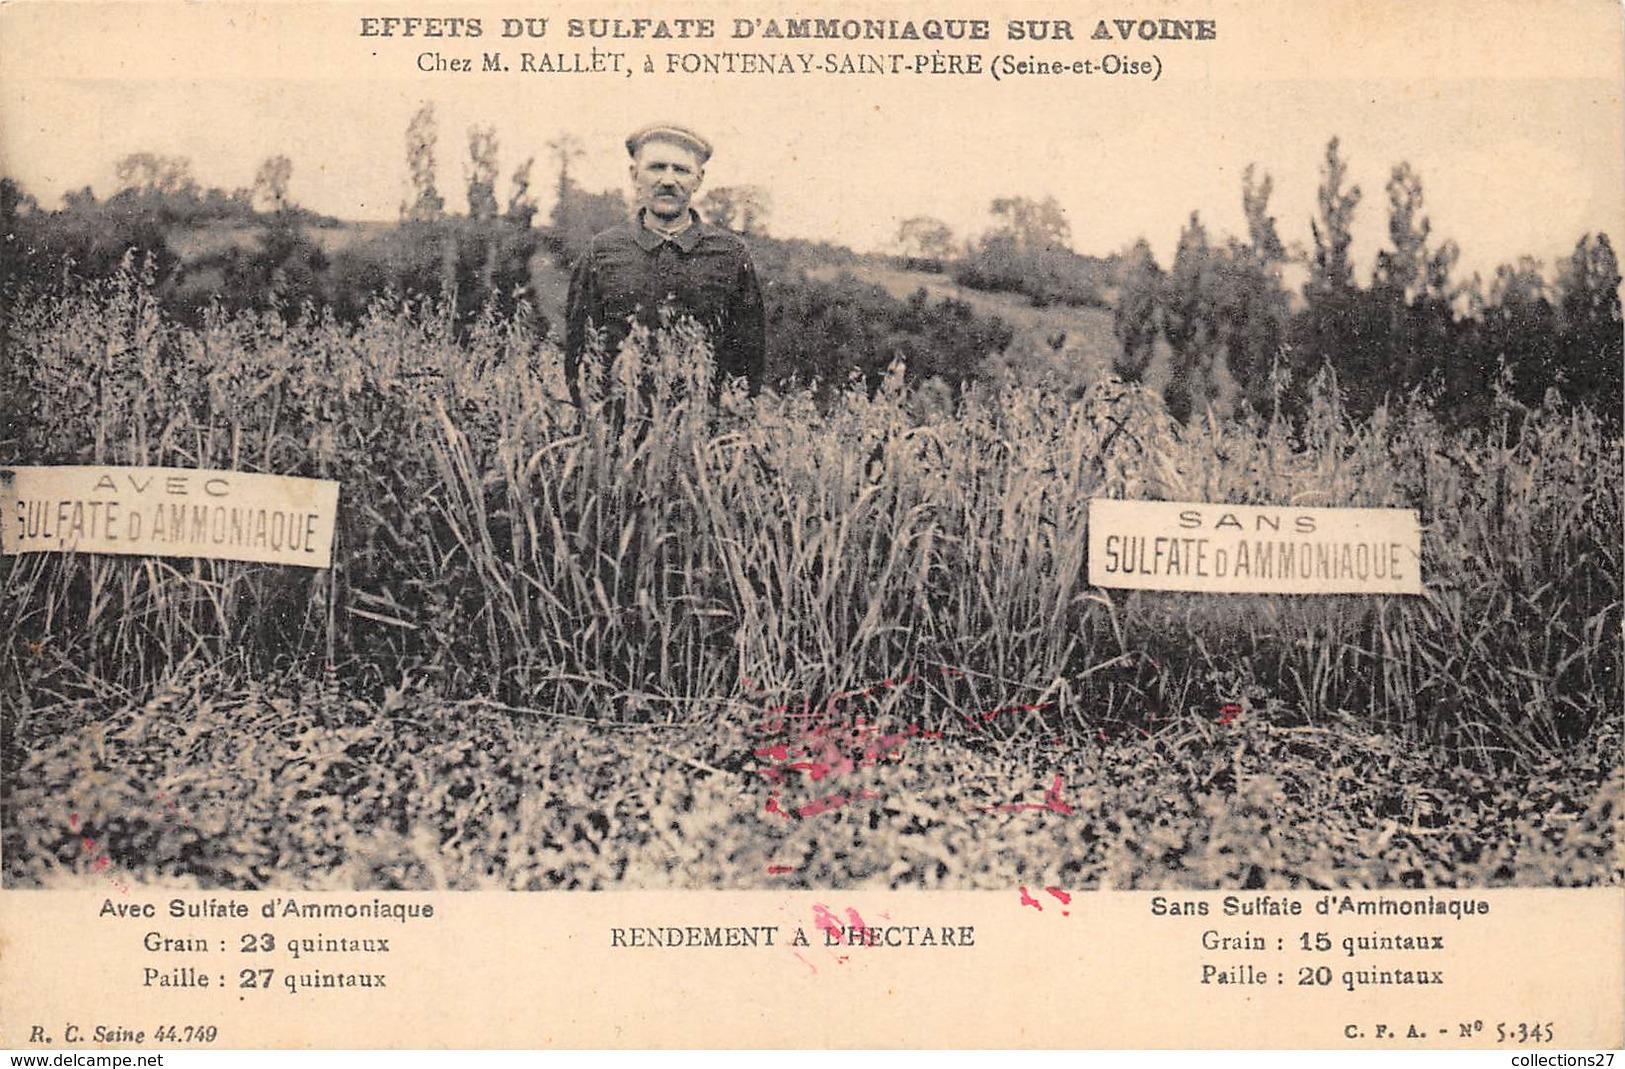 78-FONTAINE-SAINT-PERE- EFFETS DU SULFATE D'AMMONIAQUE SUR AVOINE - CHEZ M. RALLET - Autres Communes